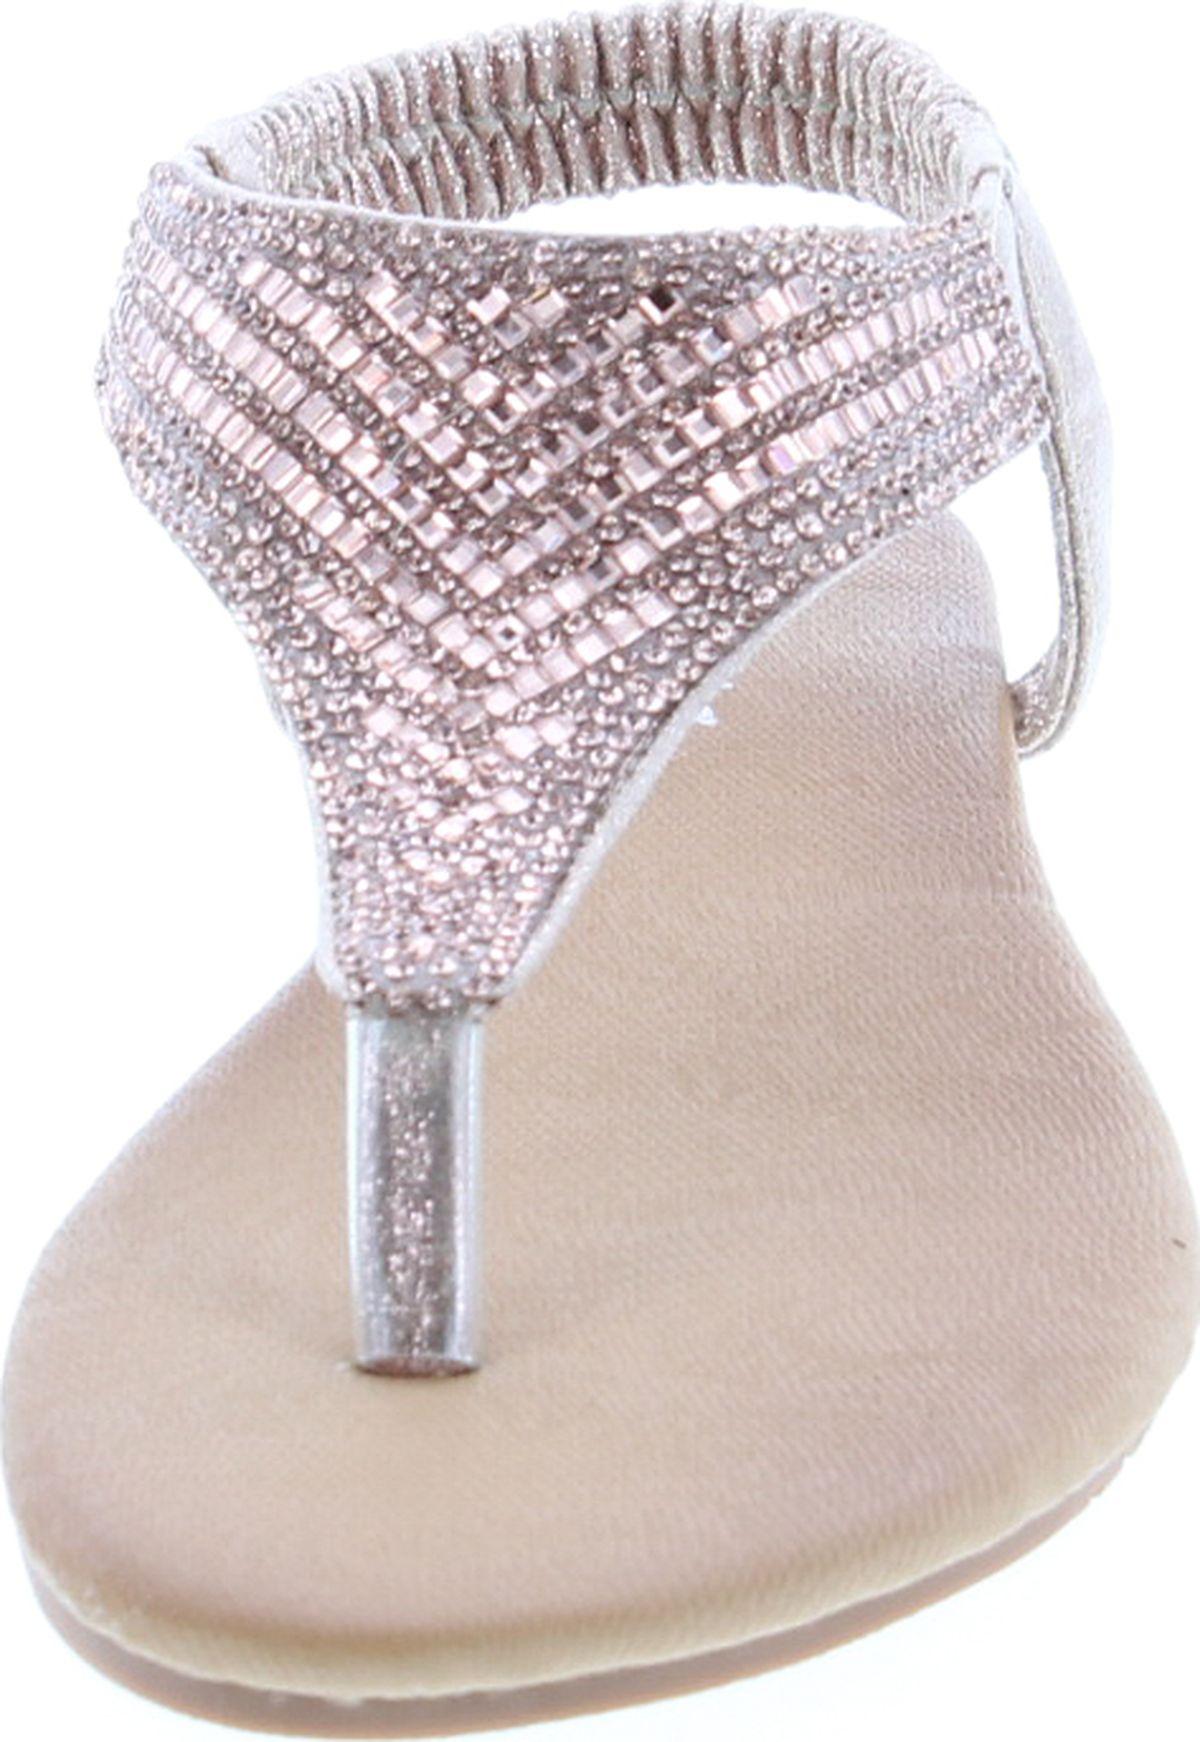 thumbnail 16 - Lucita Womens Glitz Fashion Sandals